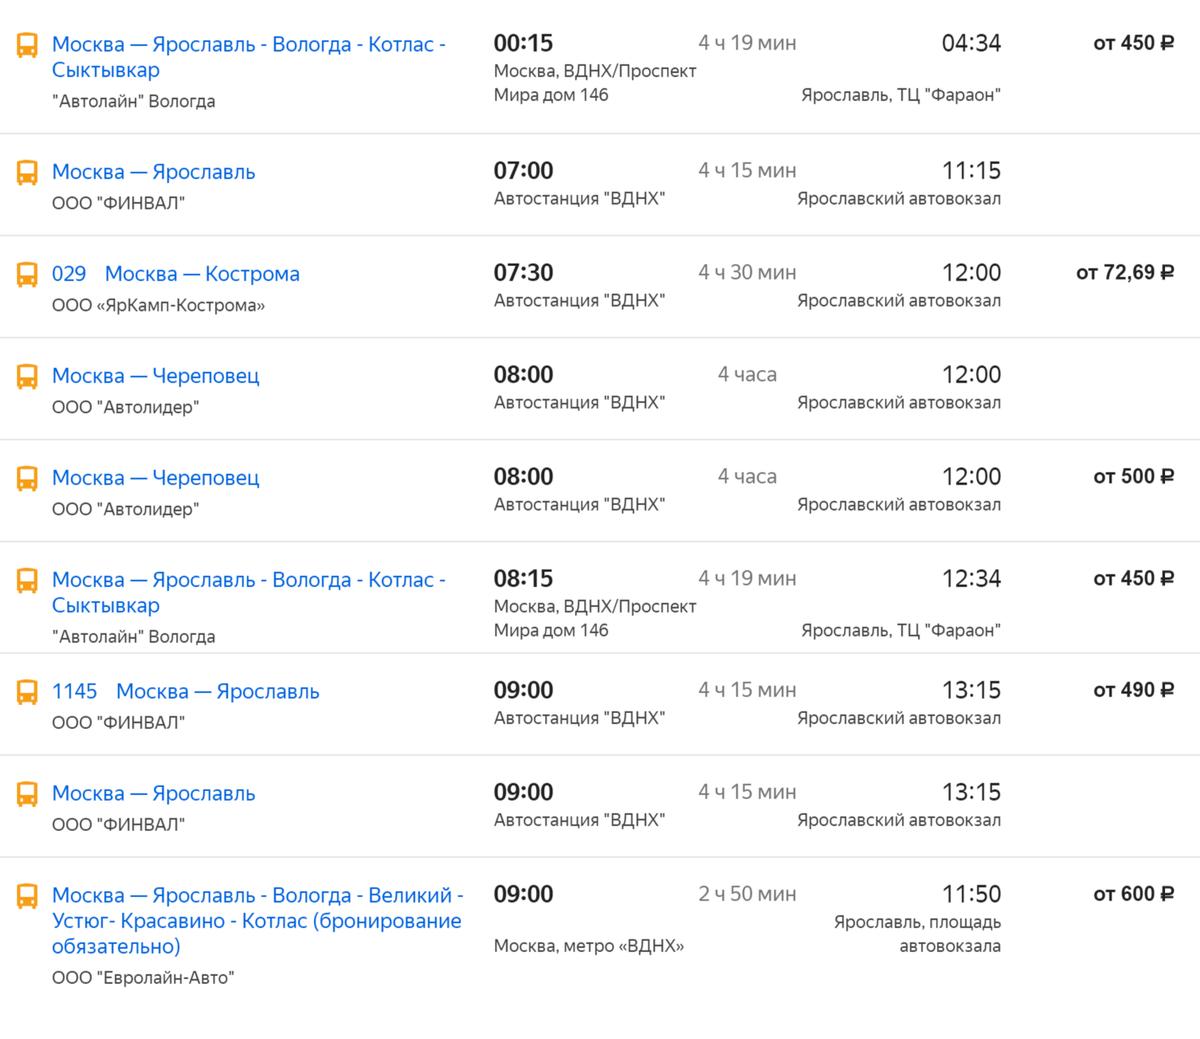 Цены на автобусные билеты от Москвы до Ярославля на Яндексе